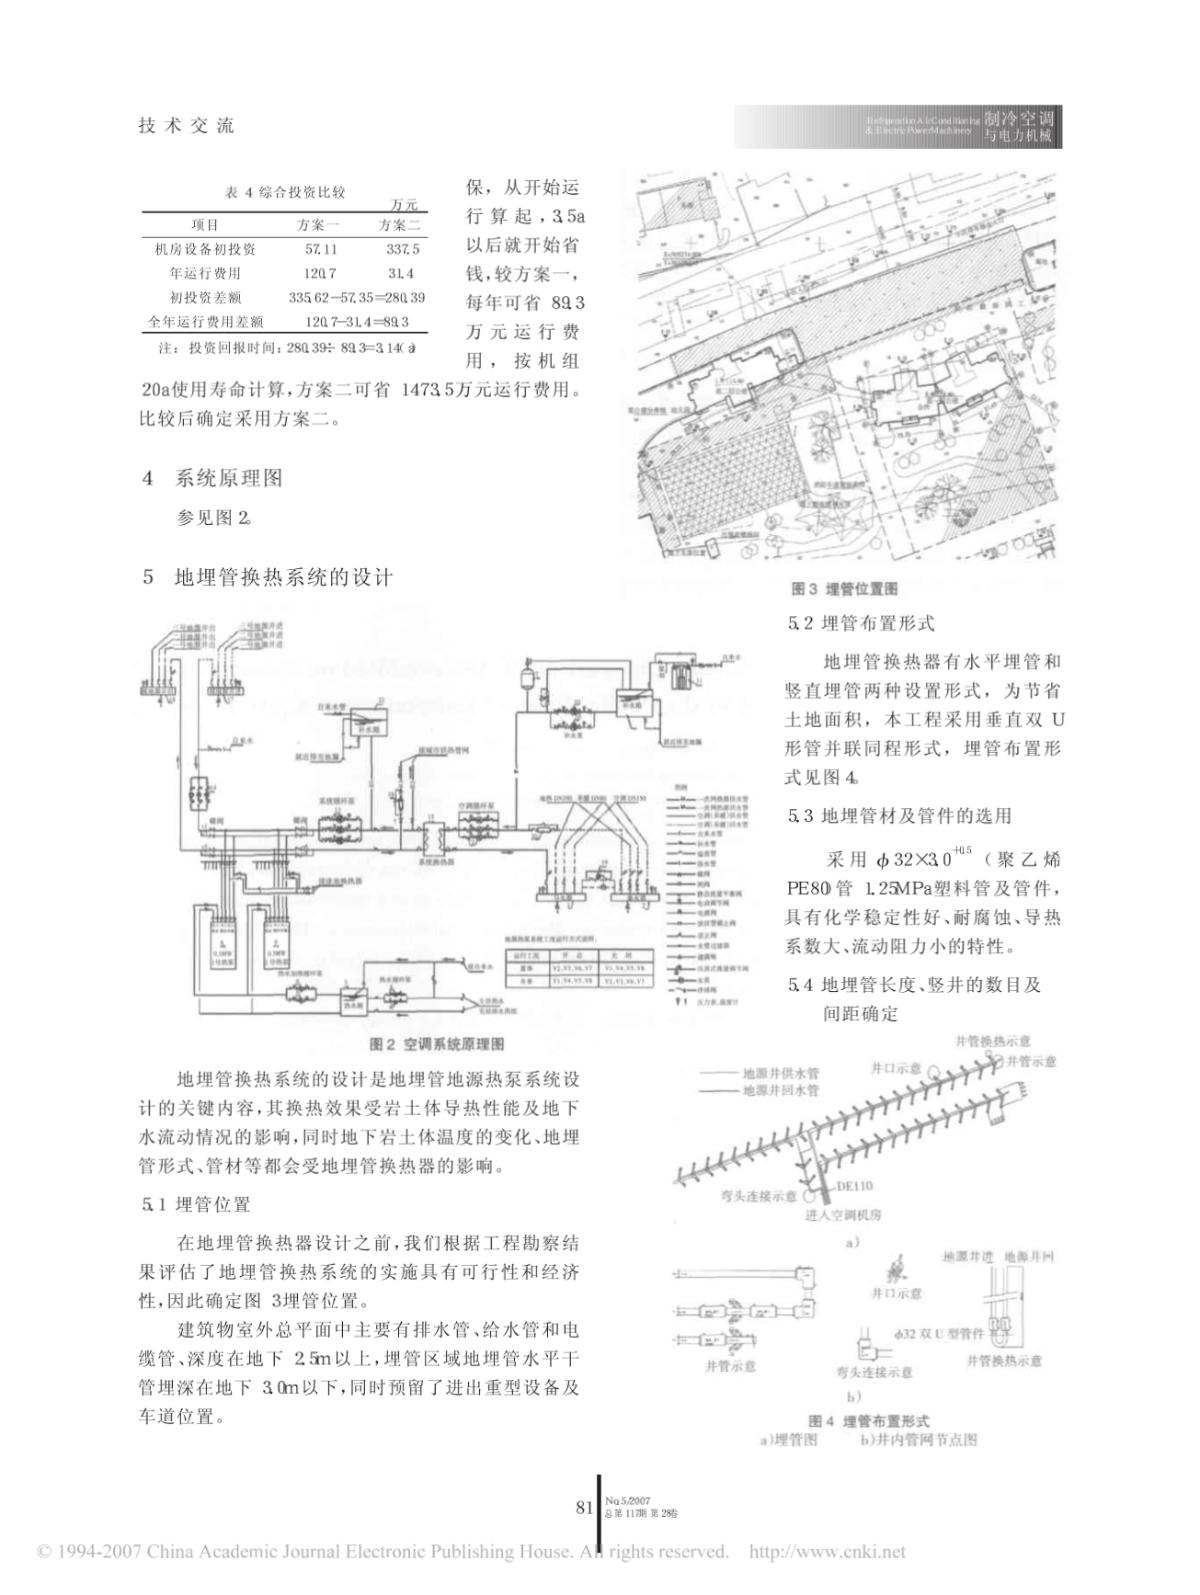 大连某休闲广场地源热泵空调系统的设计方案介绍和比较-图一